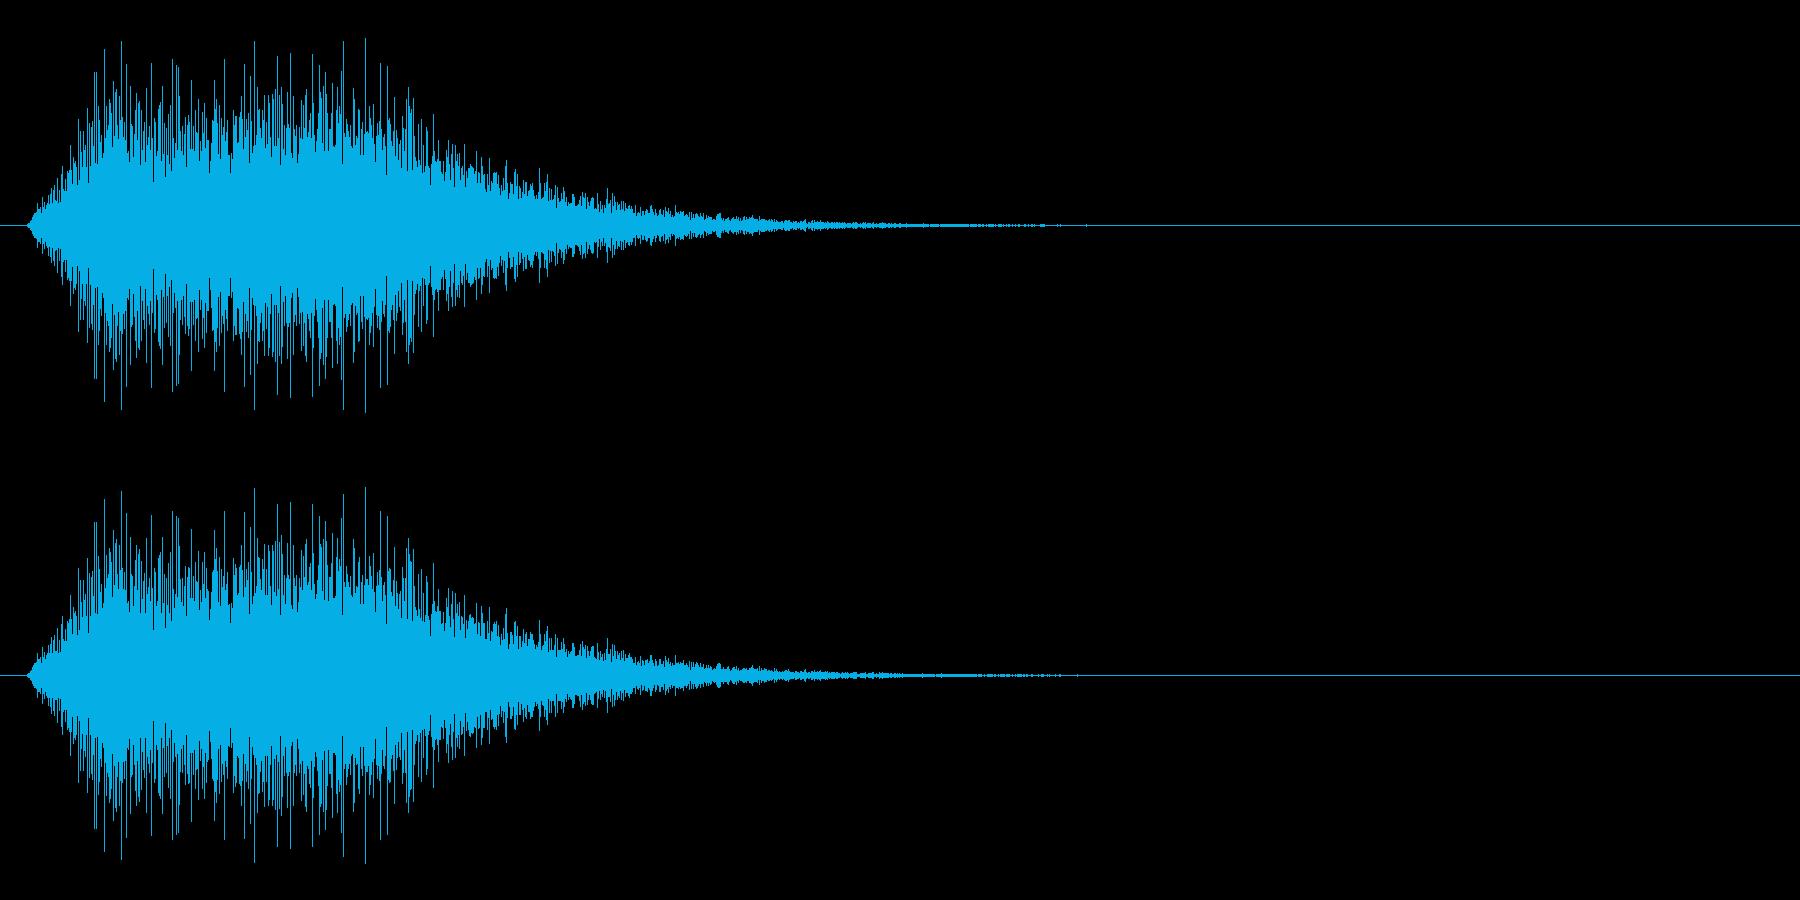 回復/アイテム使用/魔法の再生済みの波形